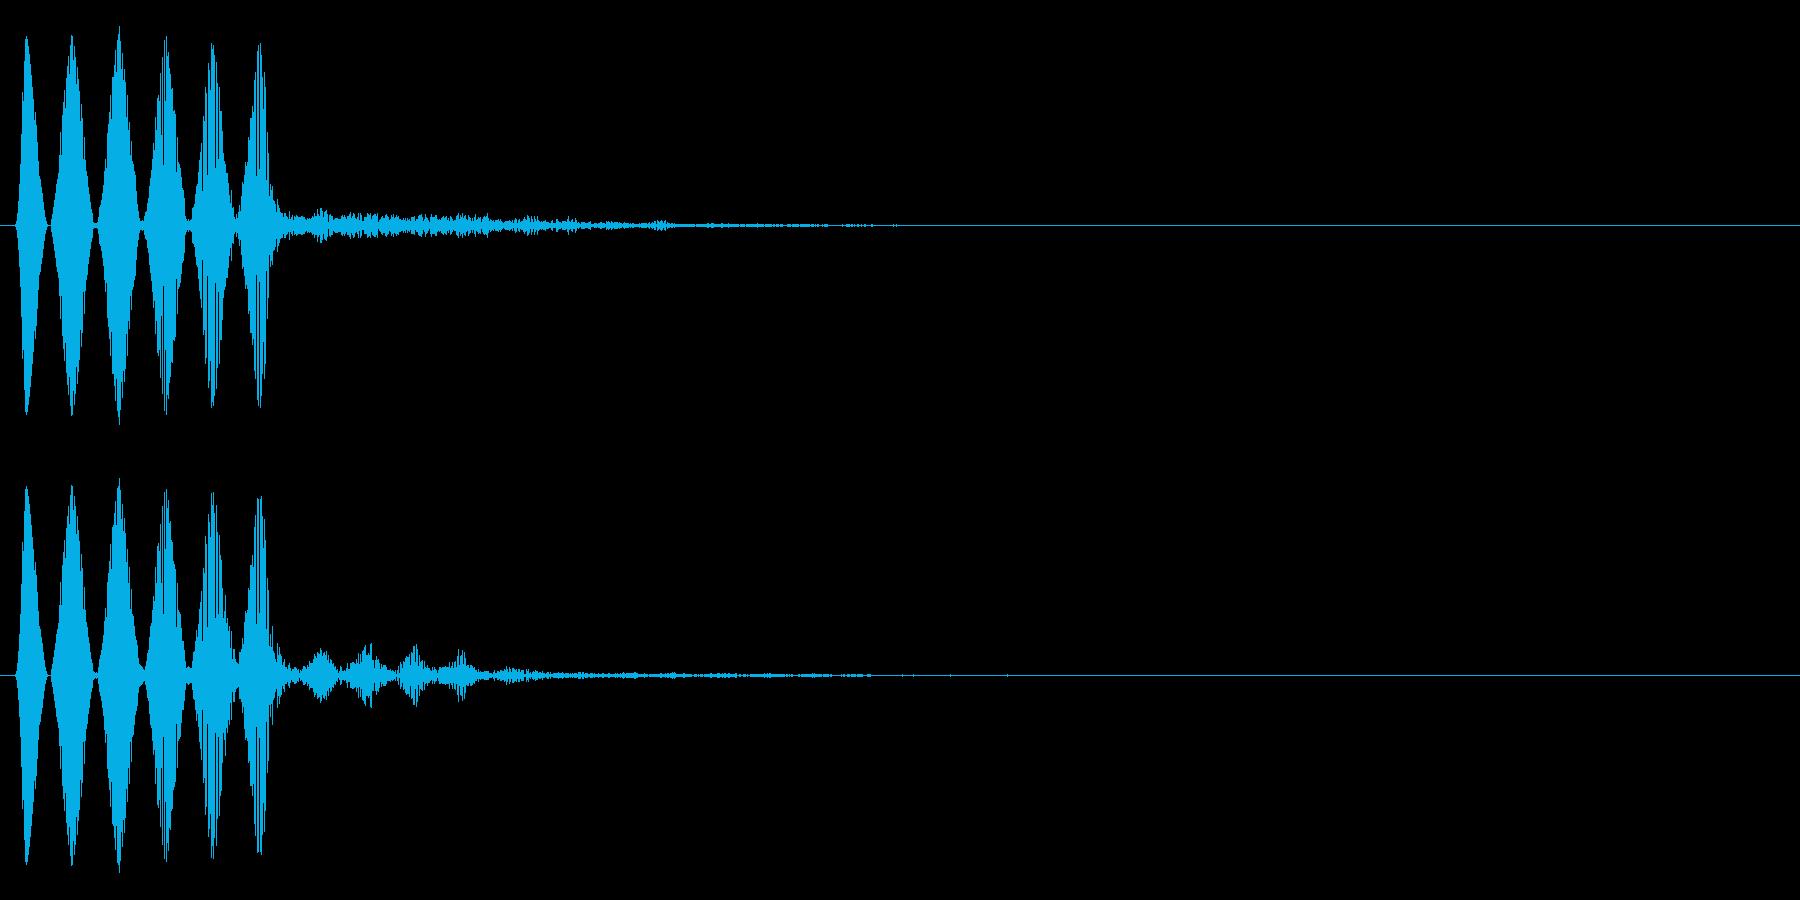 システム停止・閉じる・キャンセル_04の再生済みの波形